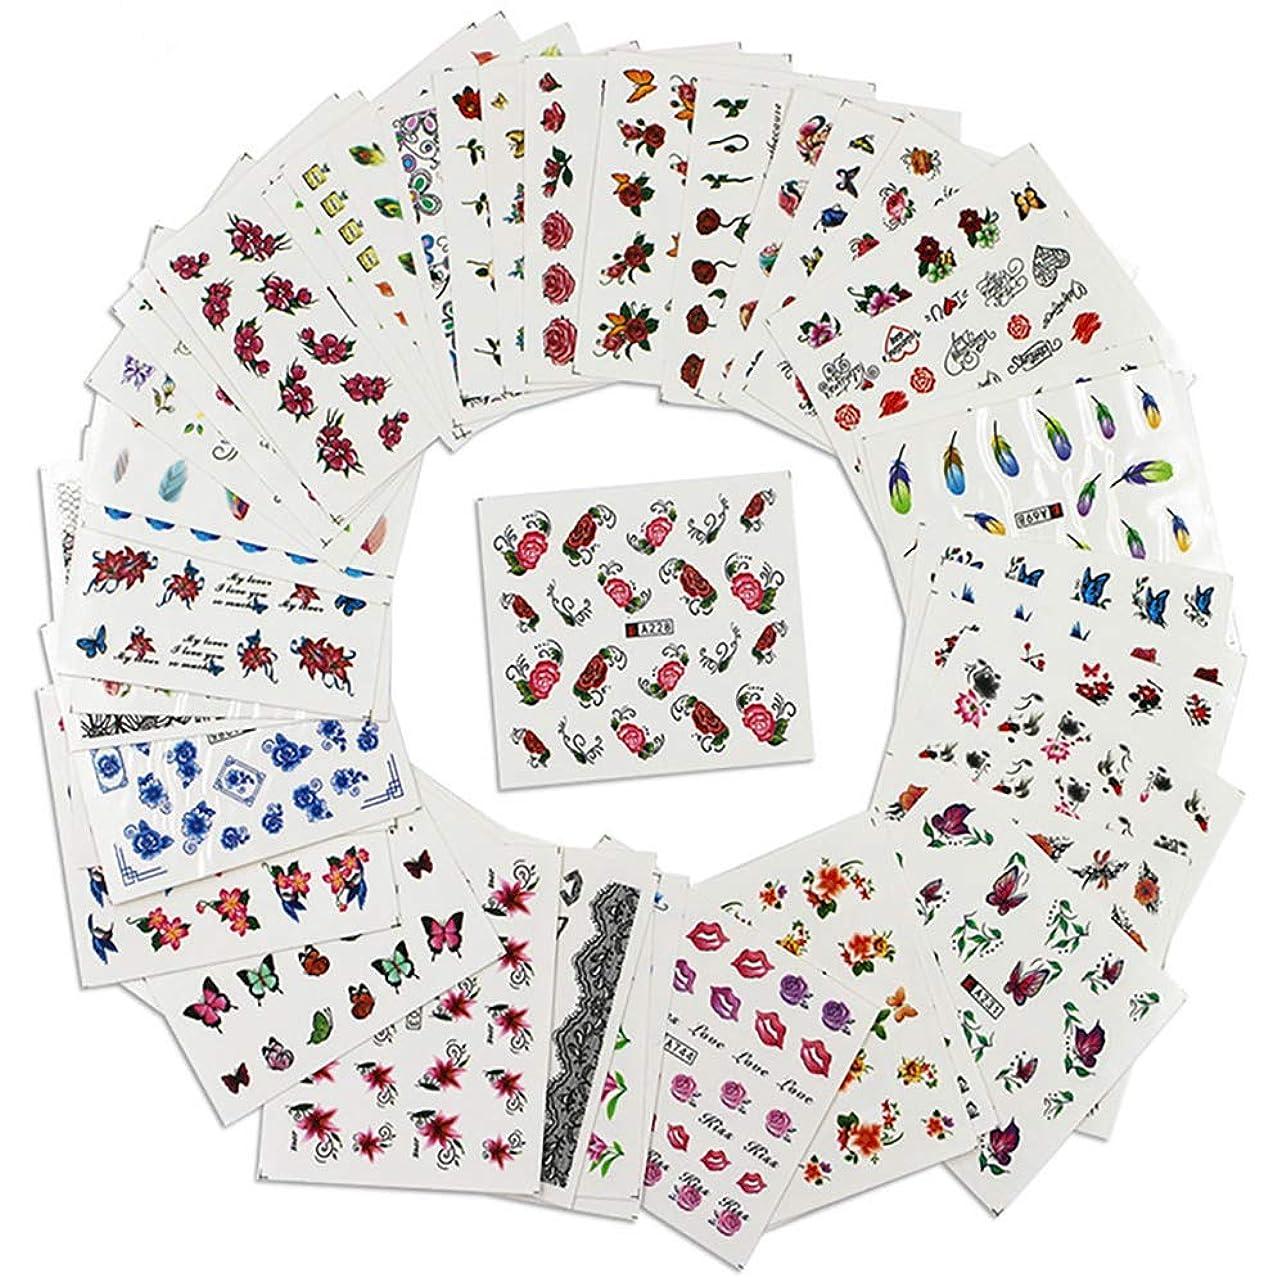 Poonikuu3Dネイルアクセサリー DIYネイルデカール ウォーターマークのステッカー 貼るだけネイルシール 女性レディース 綺麗流行安全シンプル 50枚セット